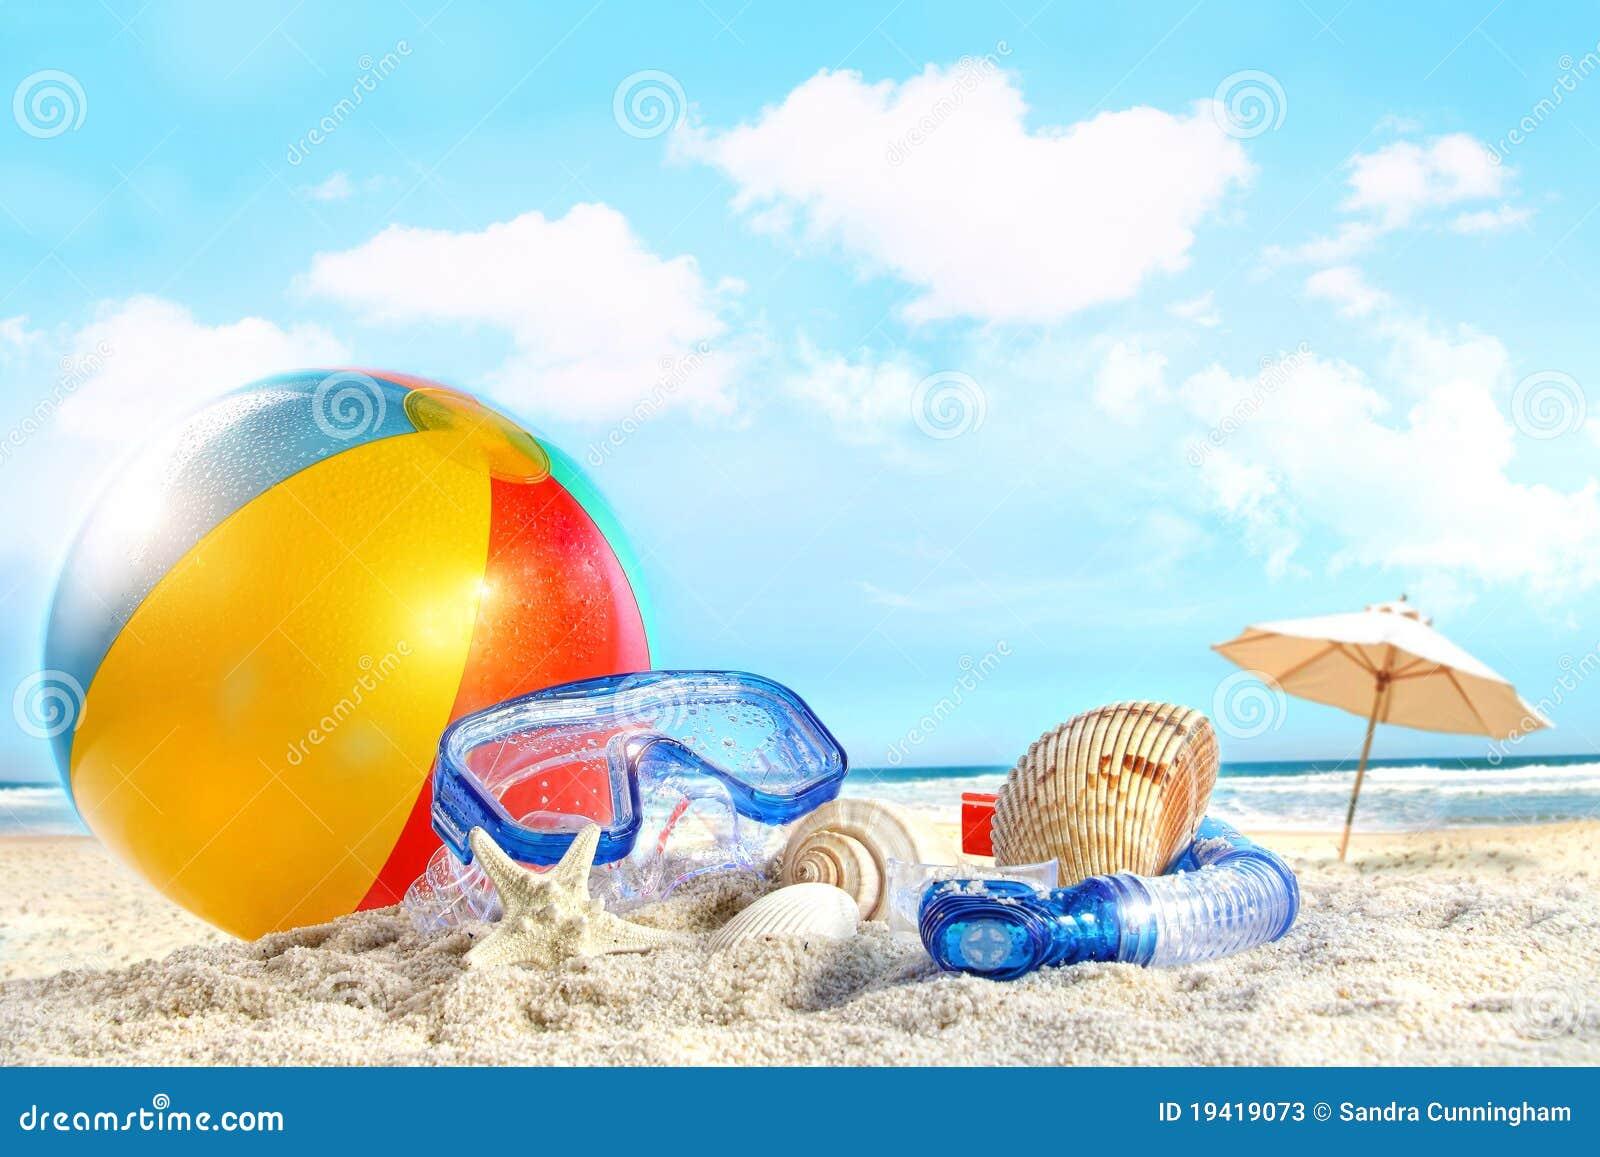 Día de la diversión en la playa